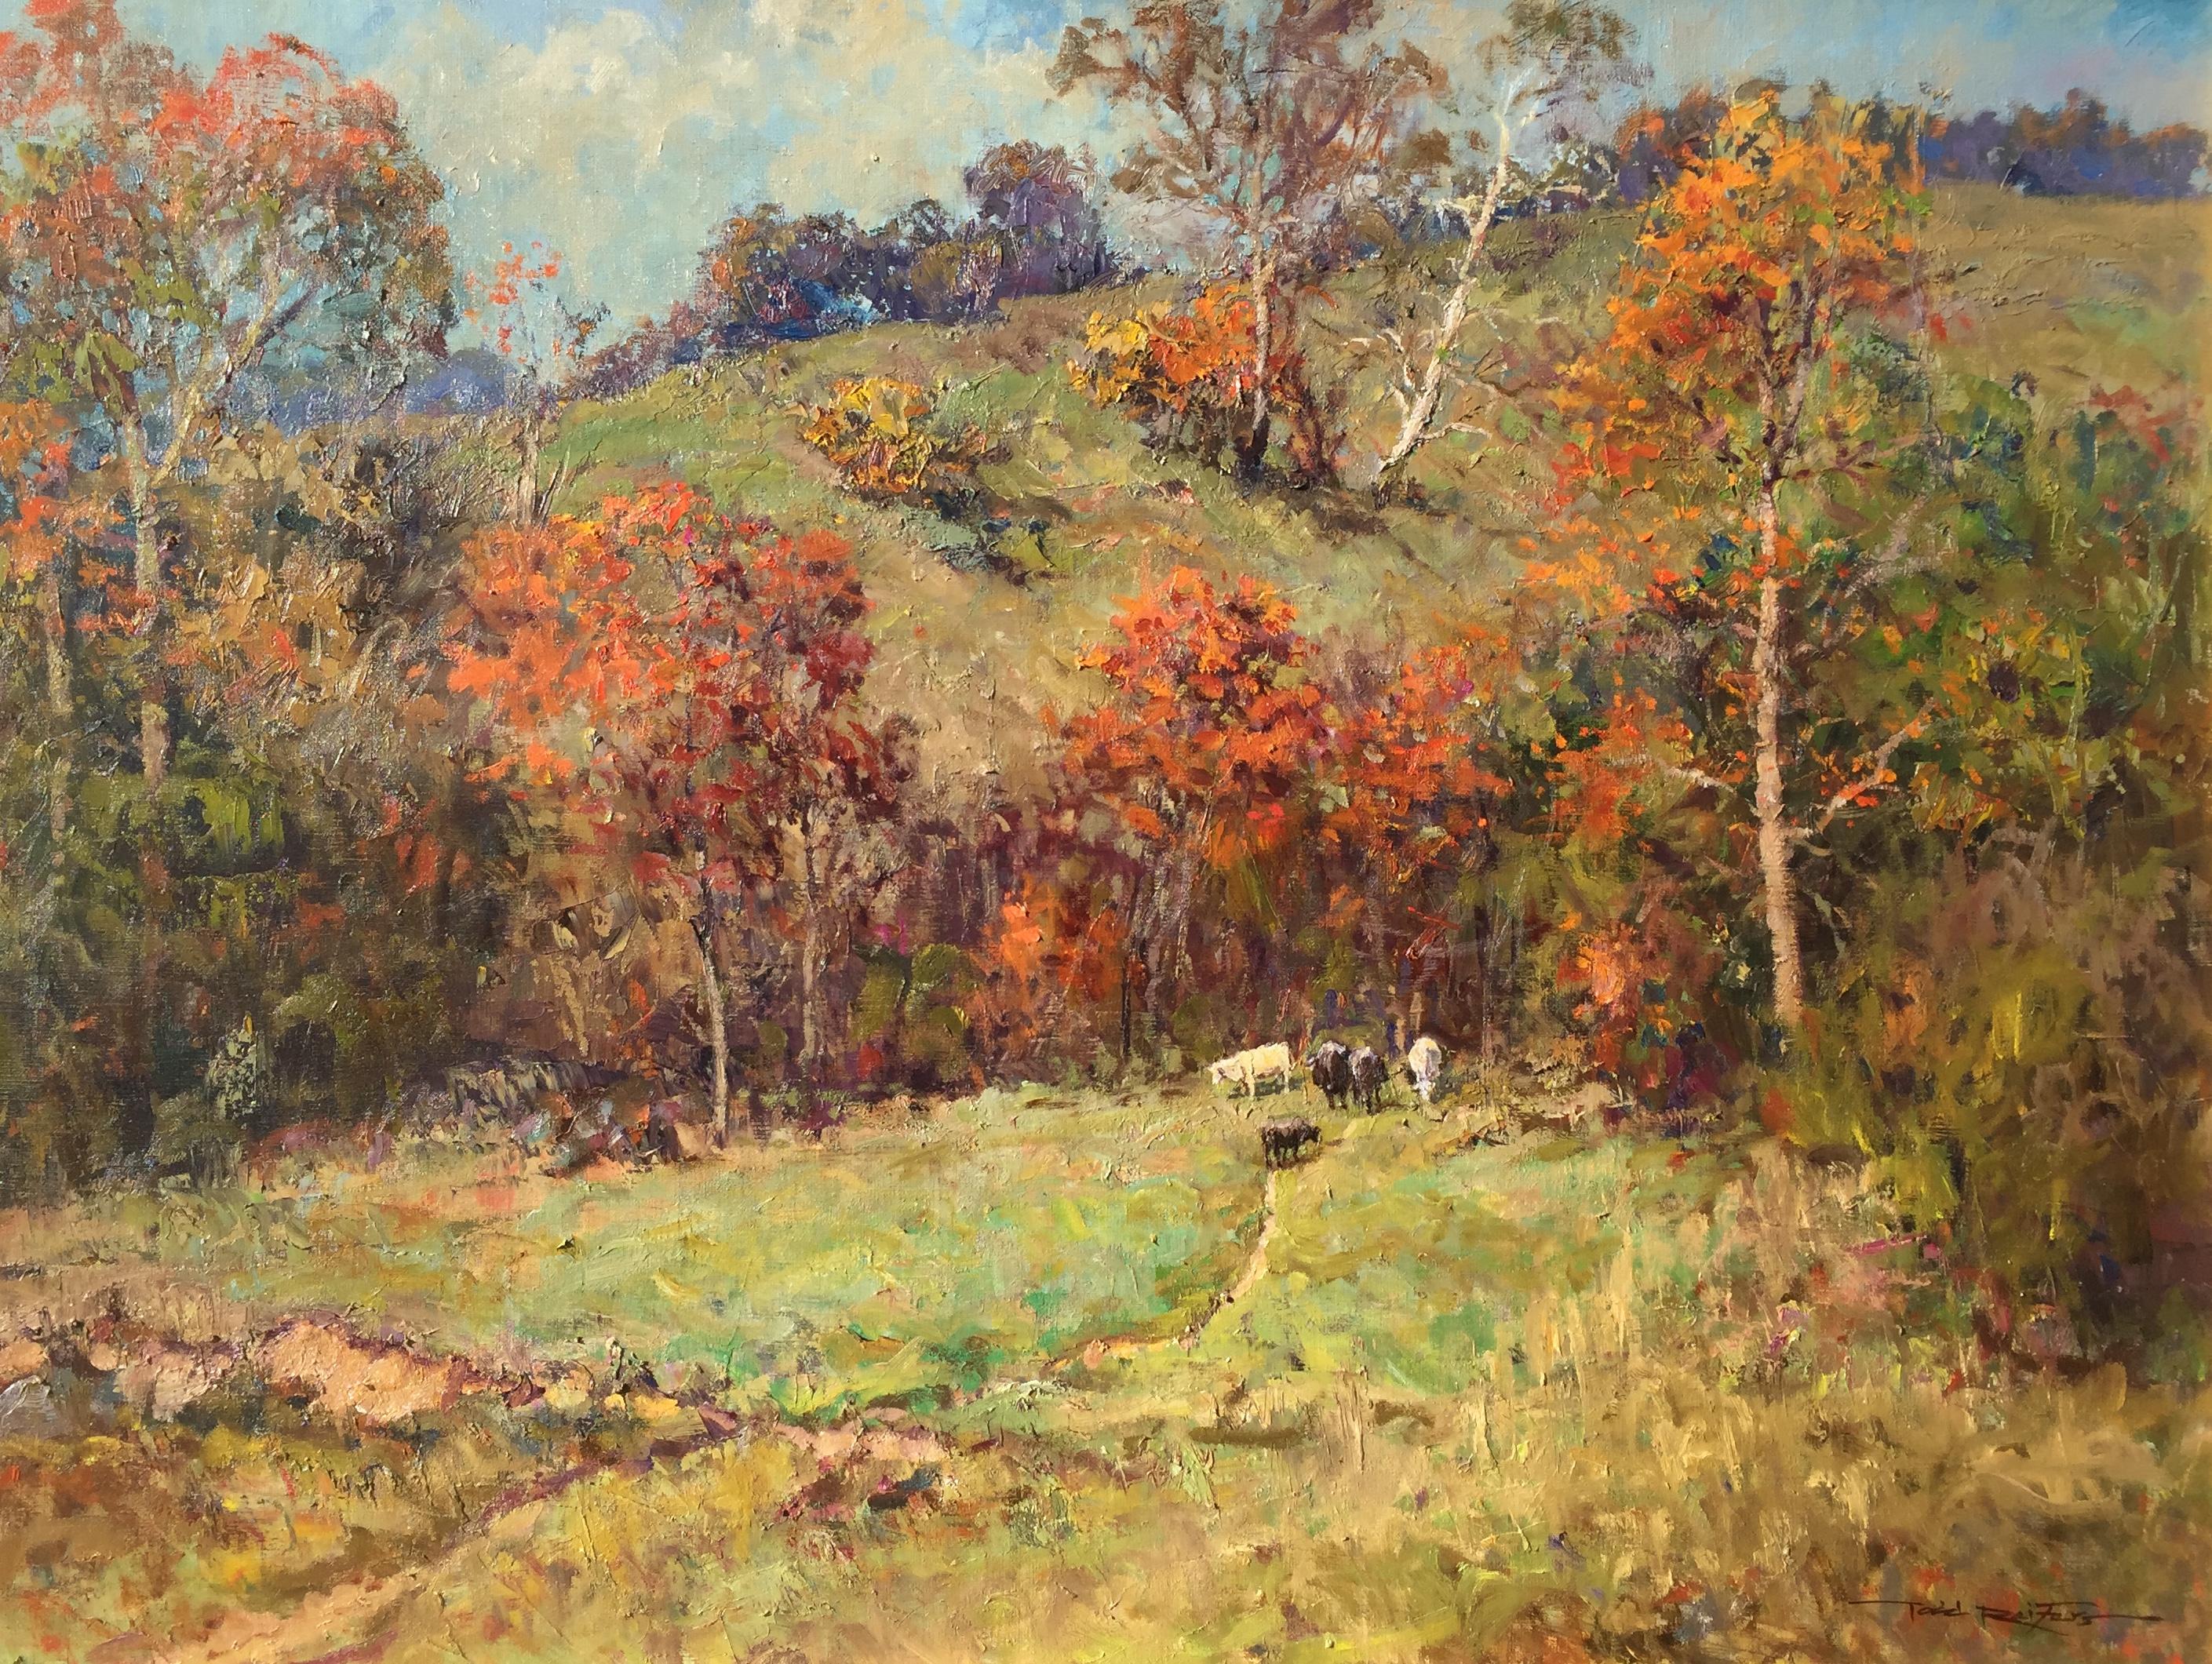 reifers-hillsidepasture-cropped